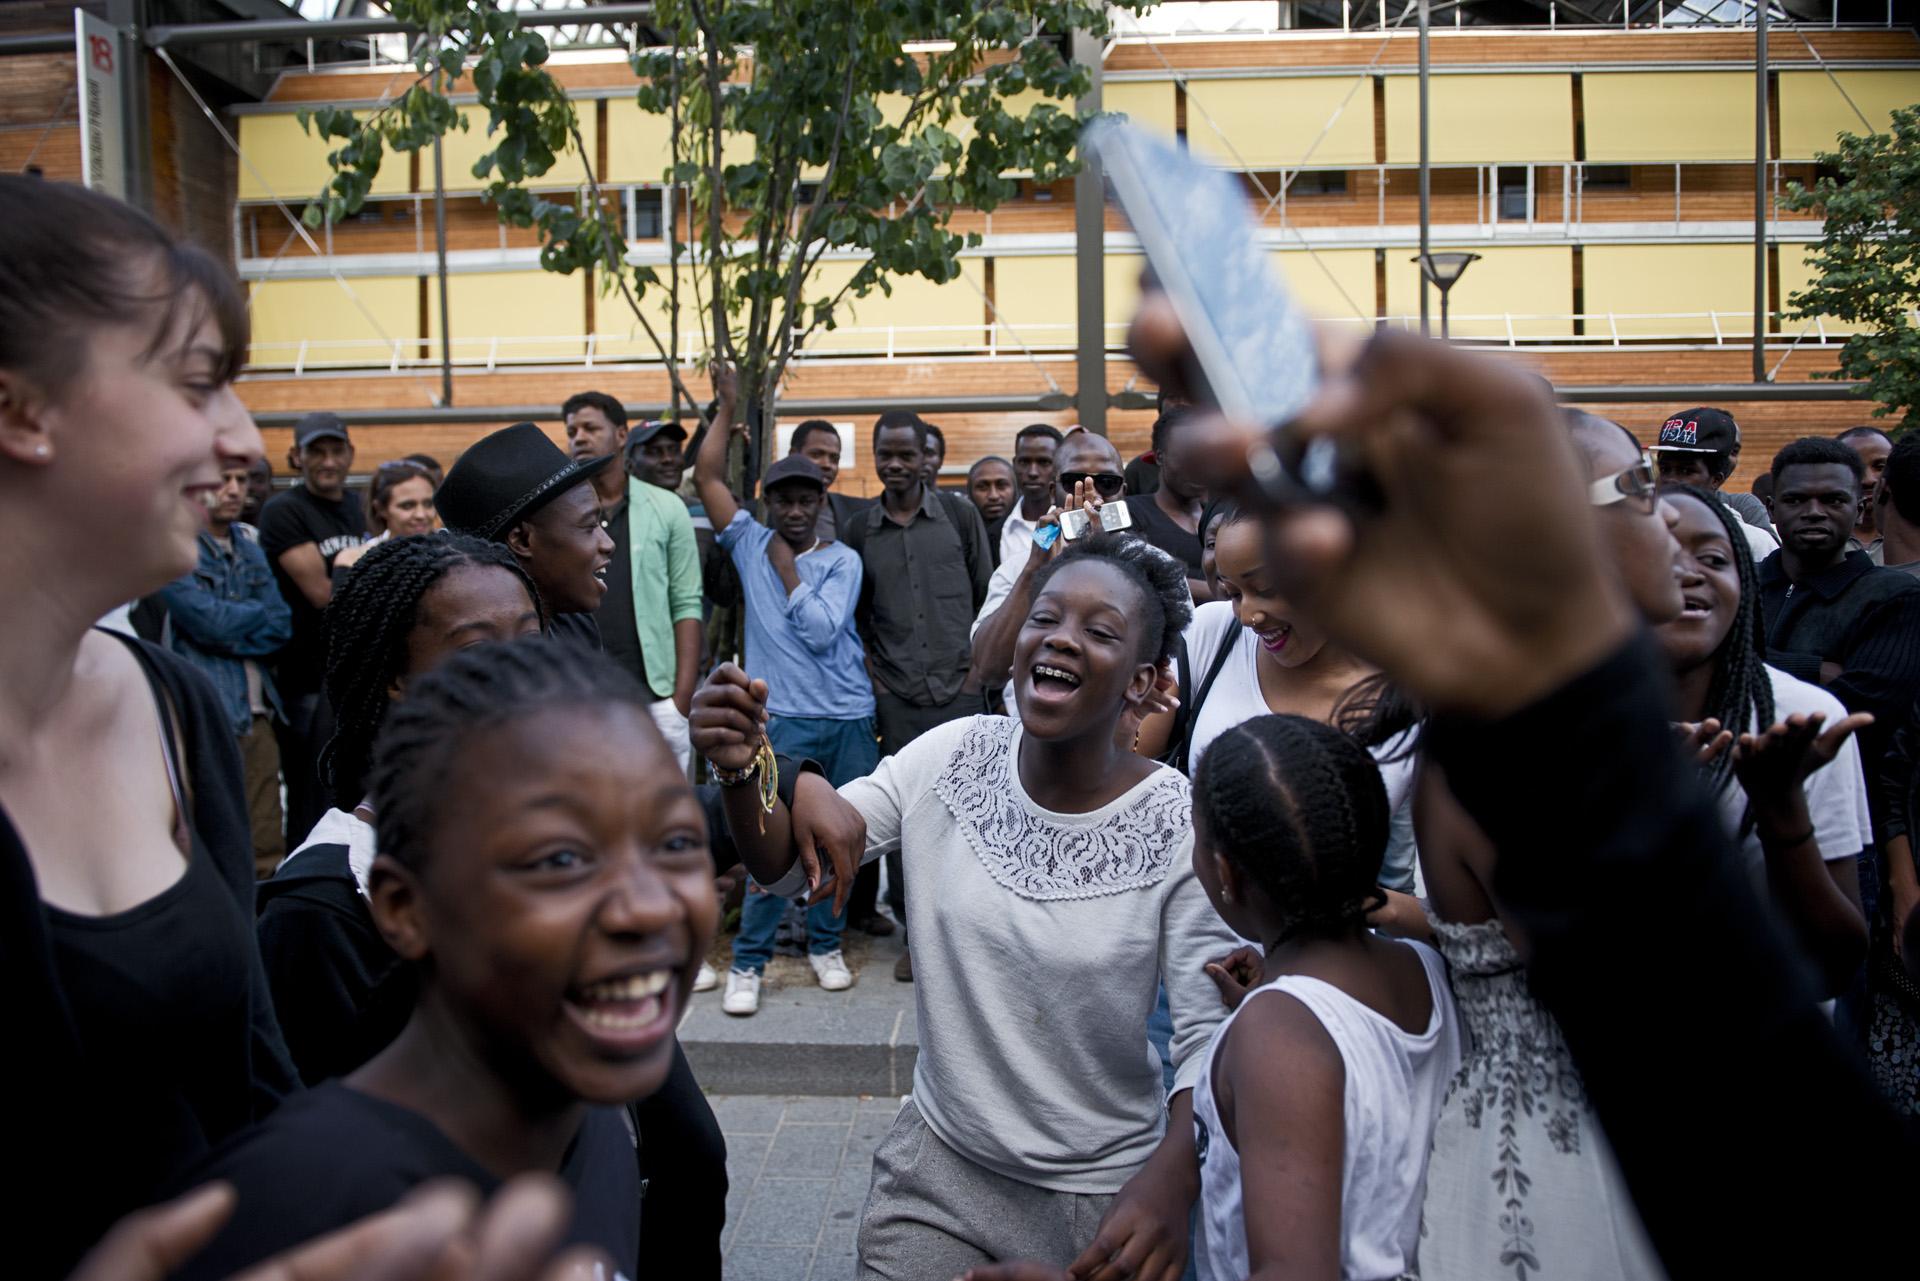 Pour soutenir les migrants, des jeunes du quartier passe sur le campement avec une enceinte branché sur leur portable. Ils dansent et invitent les migrants à faire de même pour oublier l'espace d'un instant la dureté de leur quotidien. Paris 18ème,  le 27 juin 2015.